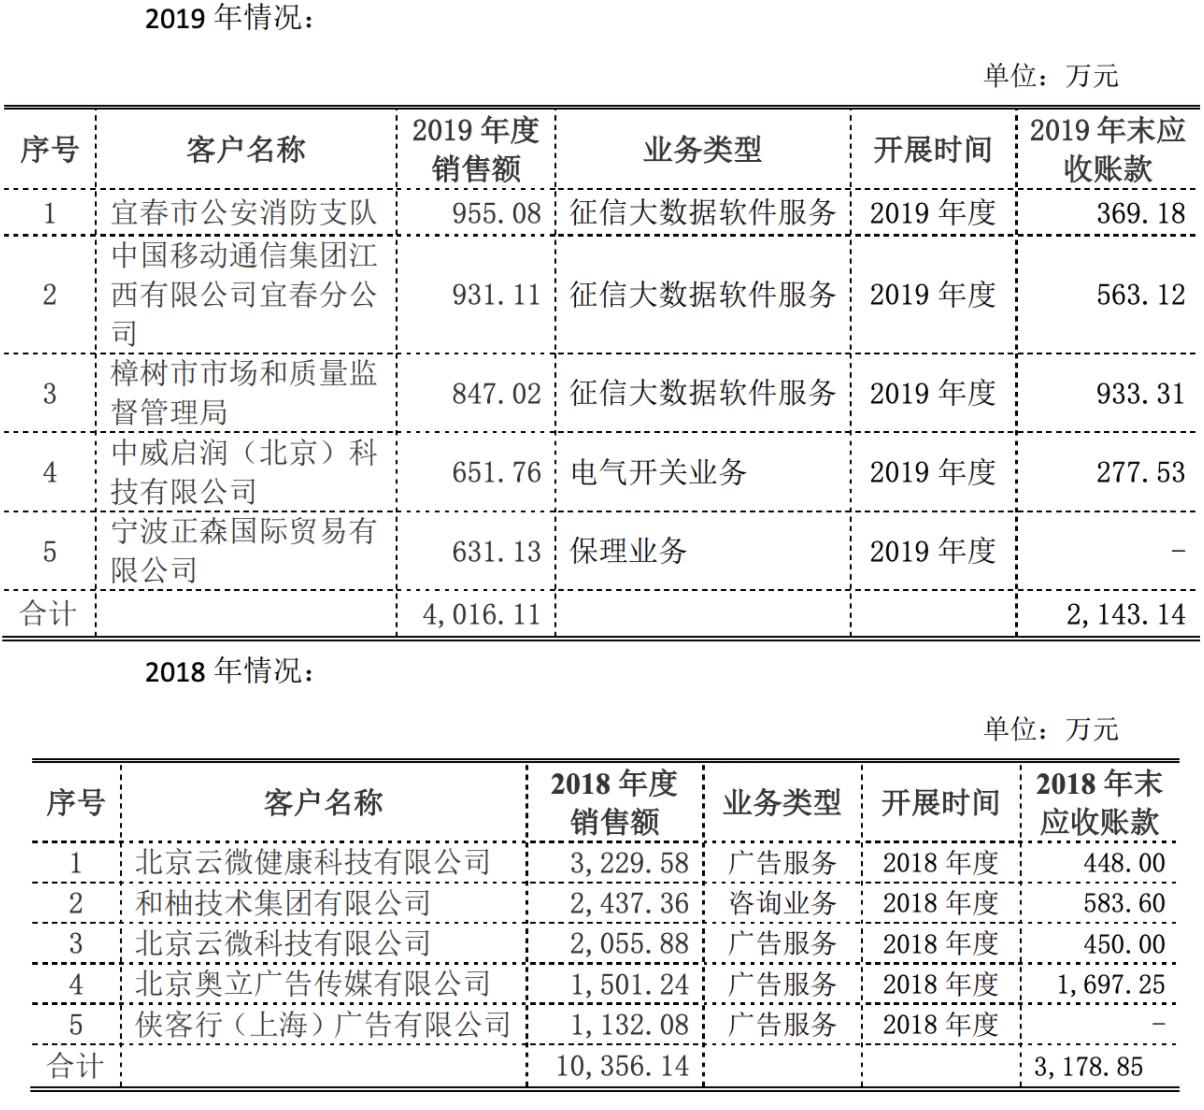 融钰集团征信大数据软件服务营收占比从8%激增至30%多依靠智容科技,前三大客户均来自江西宜春市插图(2)